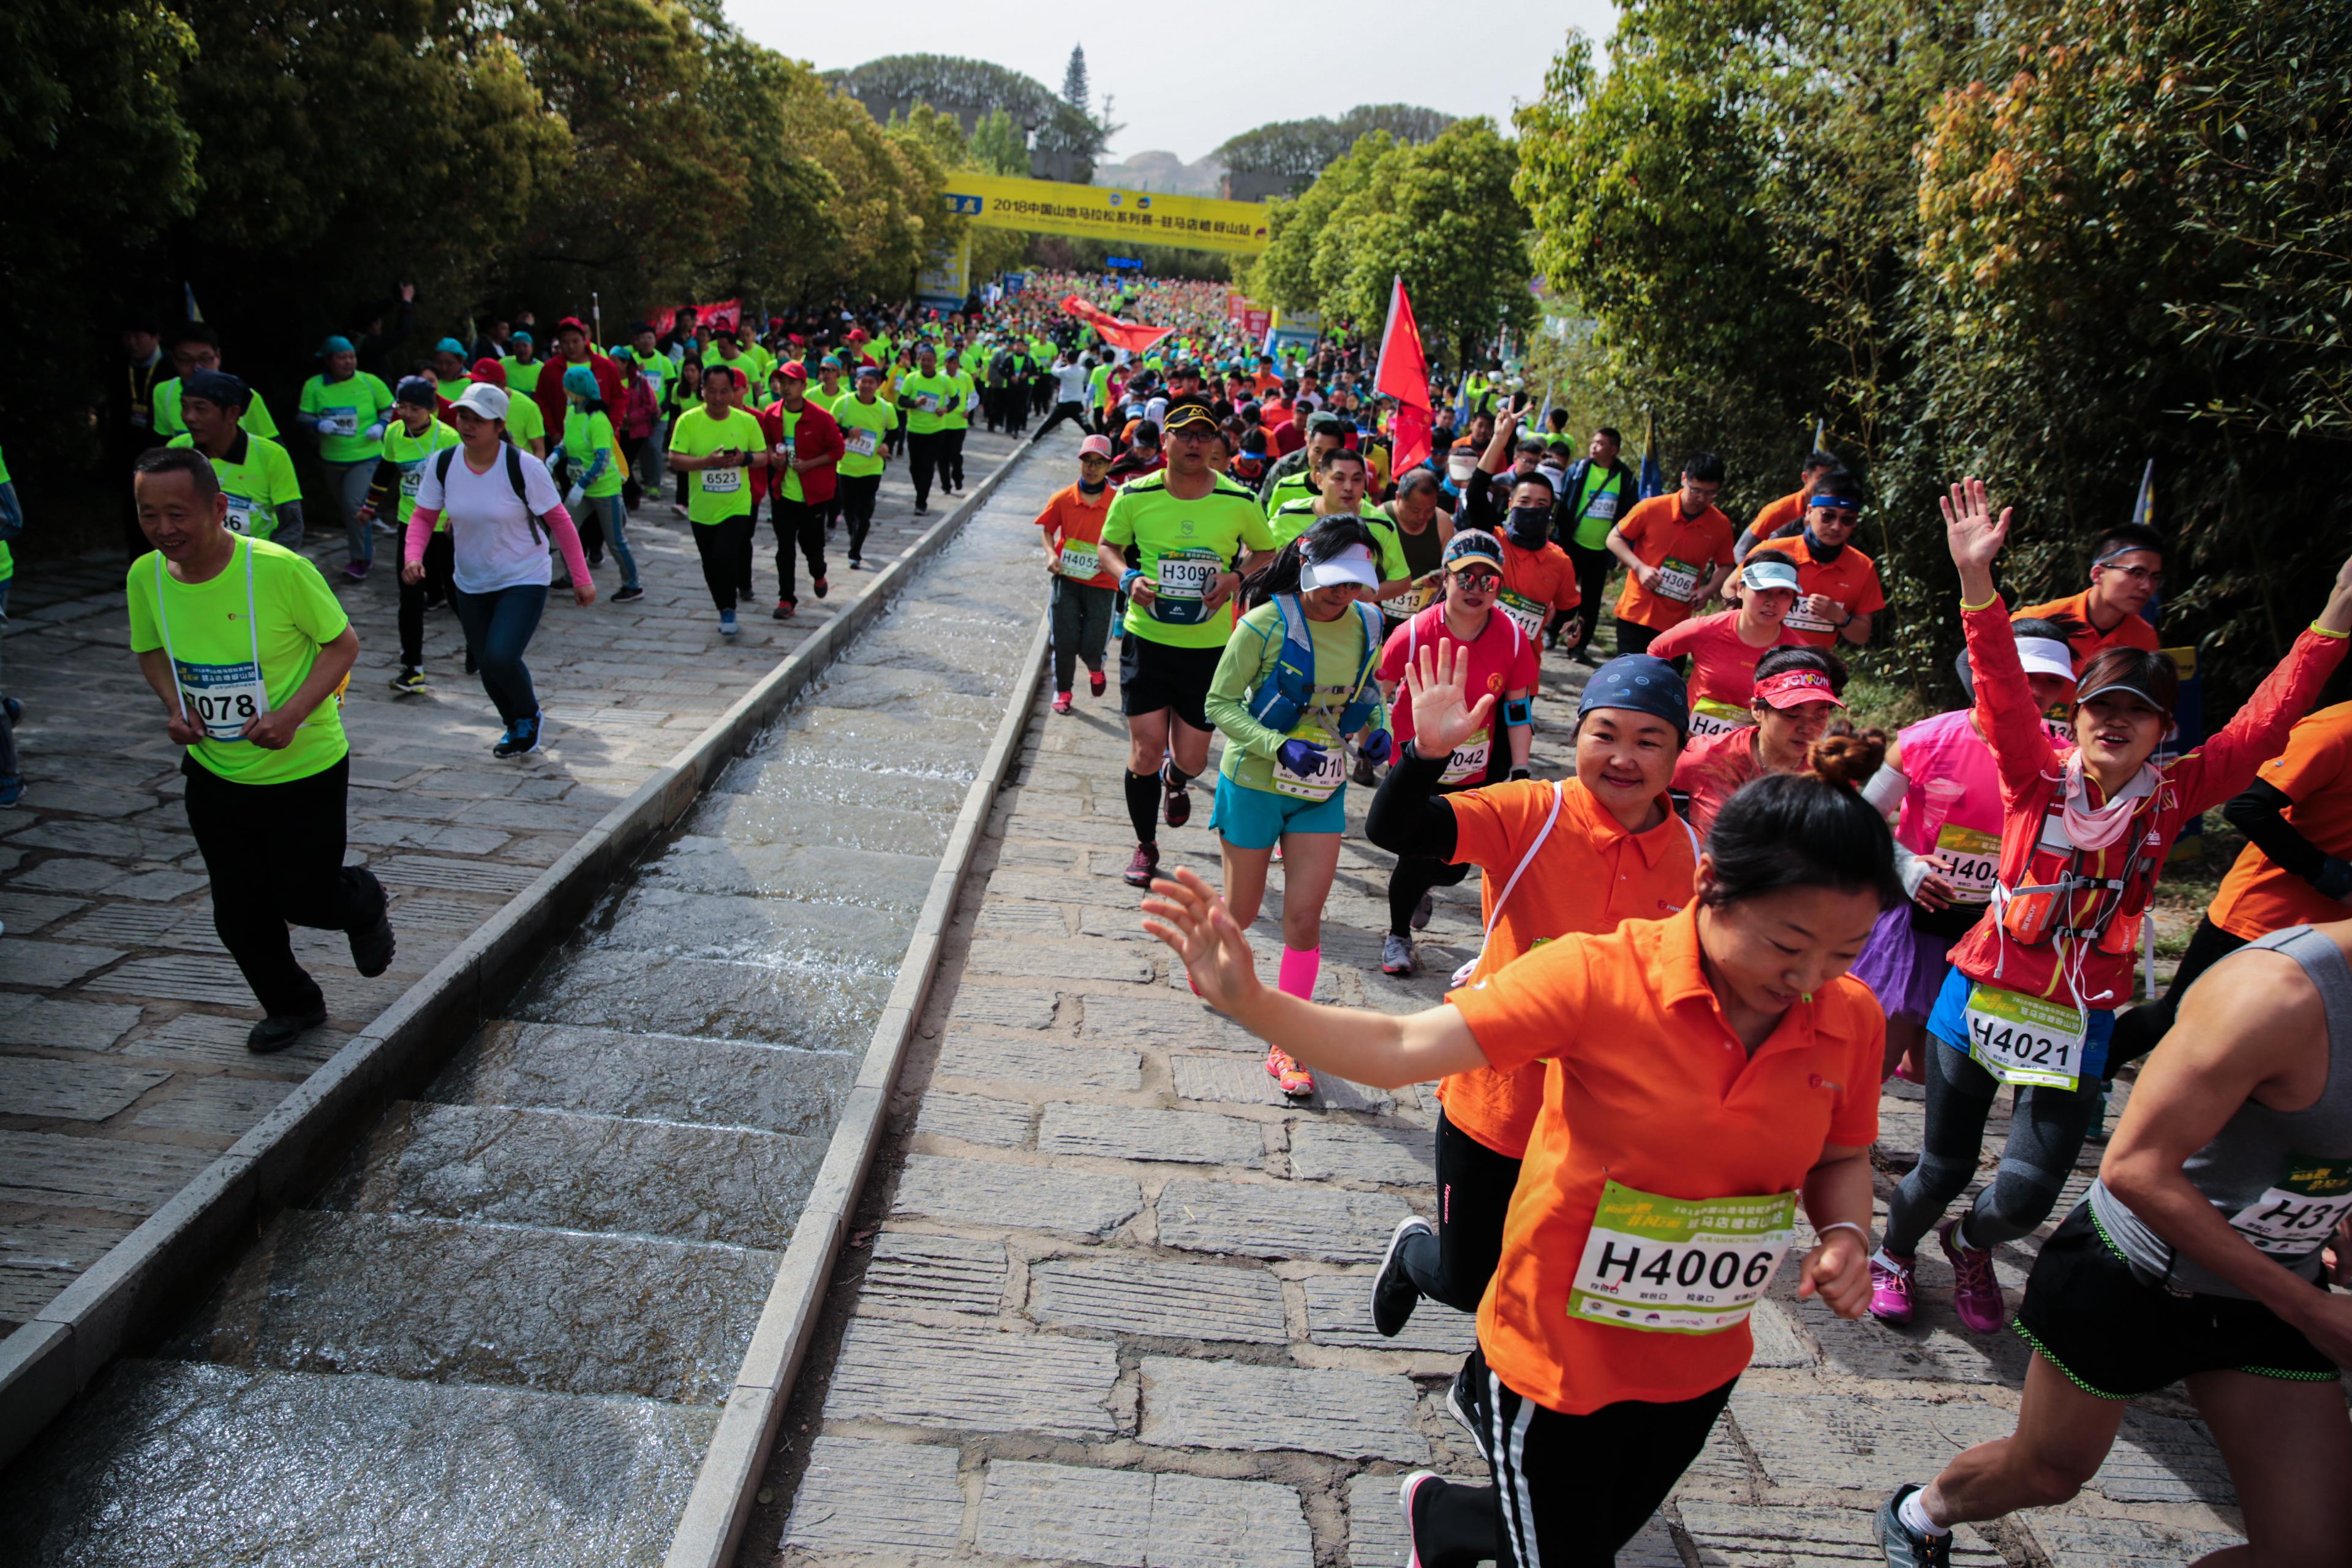 2018年度中国山地马拉松系列赛河南驻马店嵖岈山首站开跑